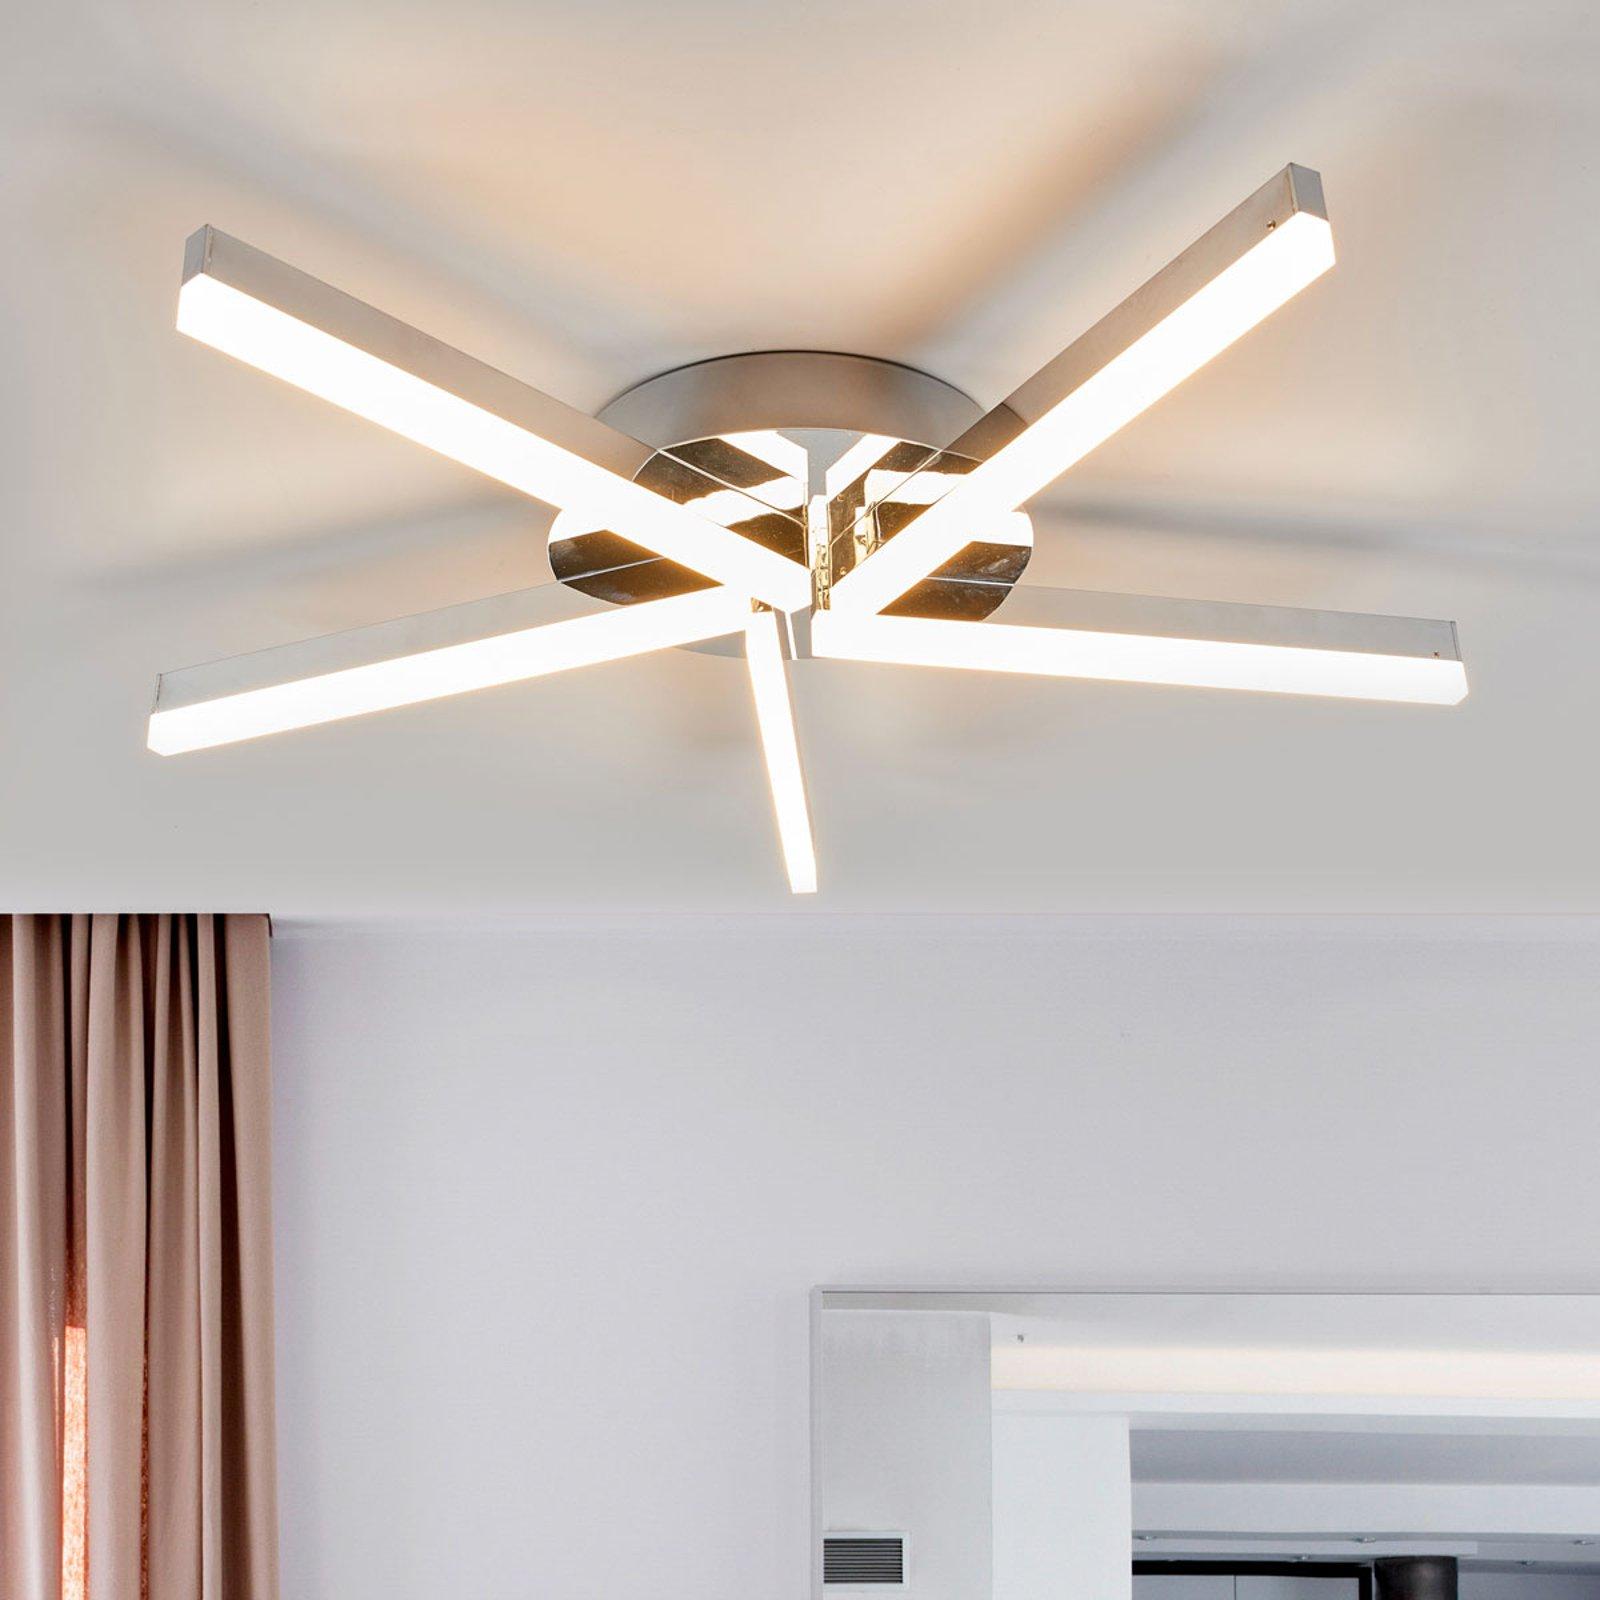 LED-taklampe Patrik i krom til badet, 5 lys, IP44